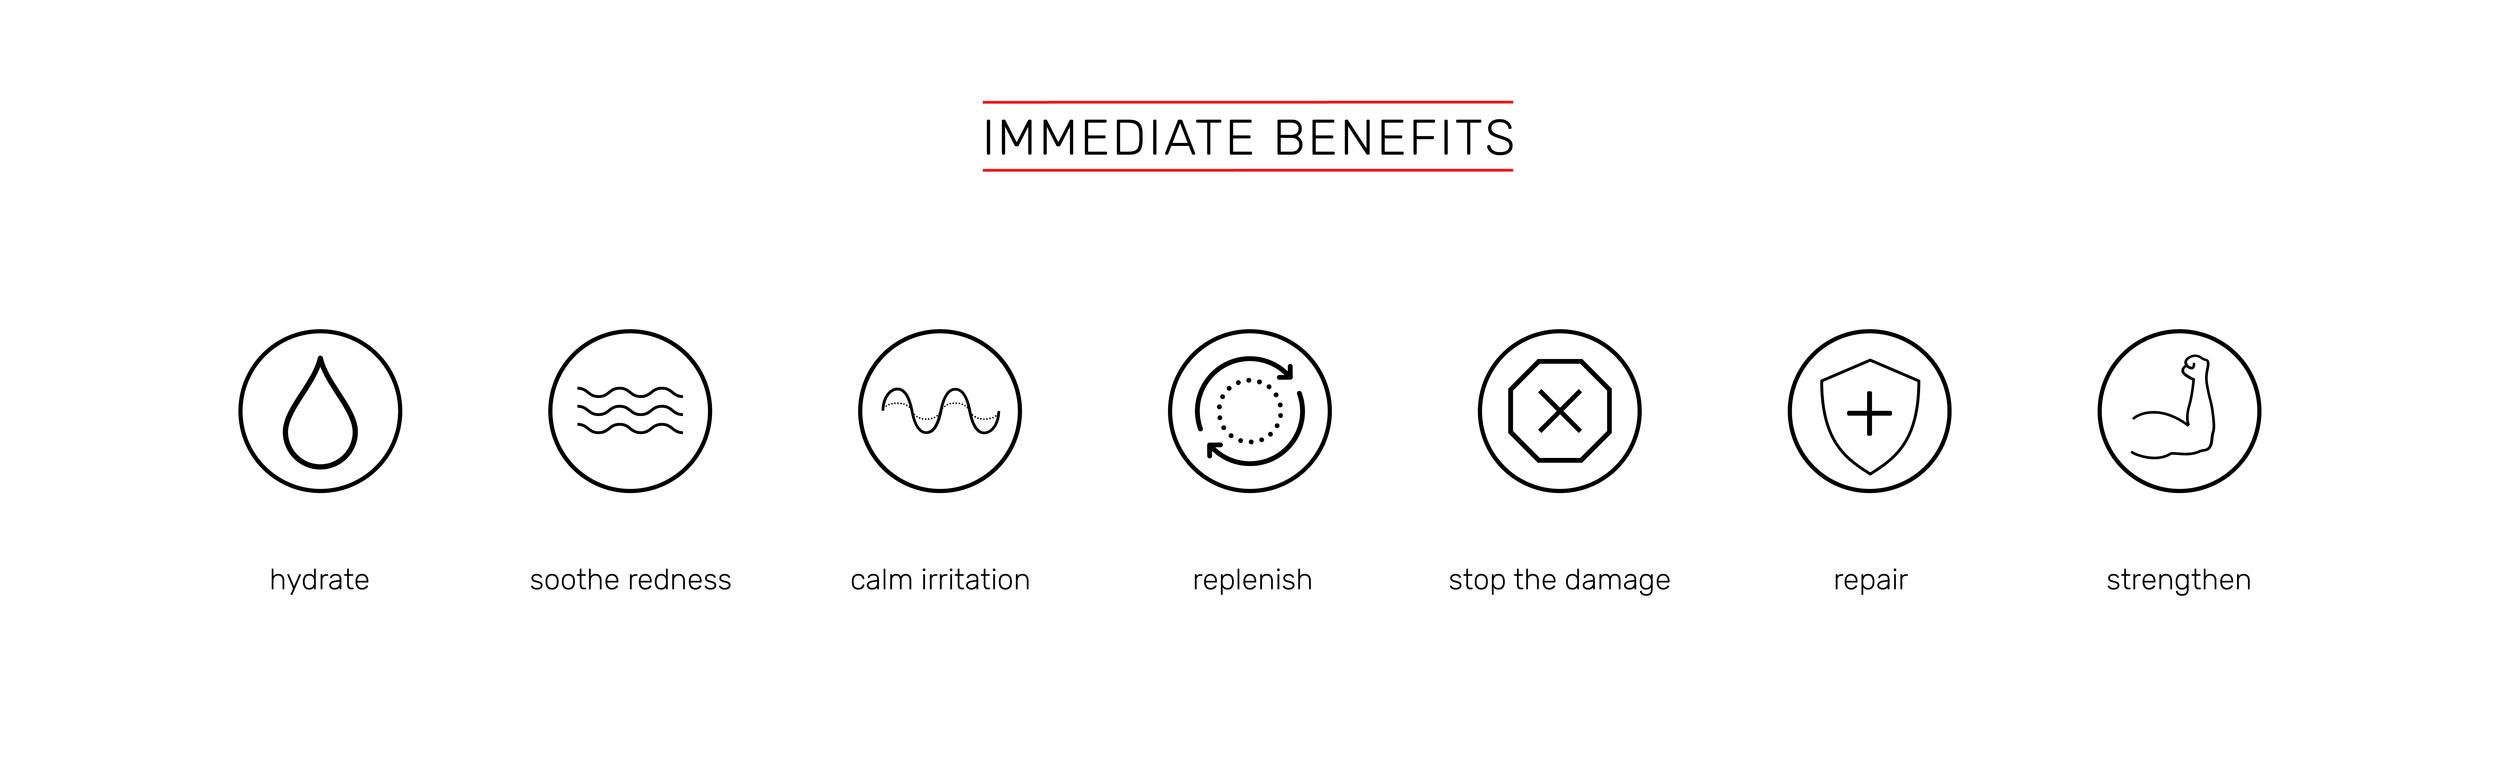 harken-derm-daily-after-sun-lotion-immediate-benefits-05.png